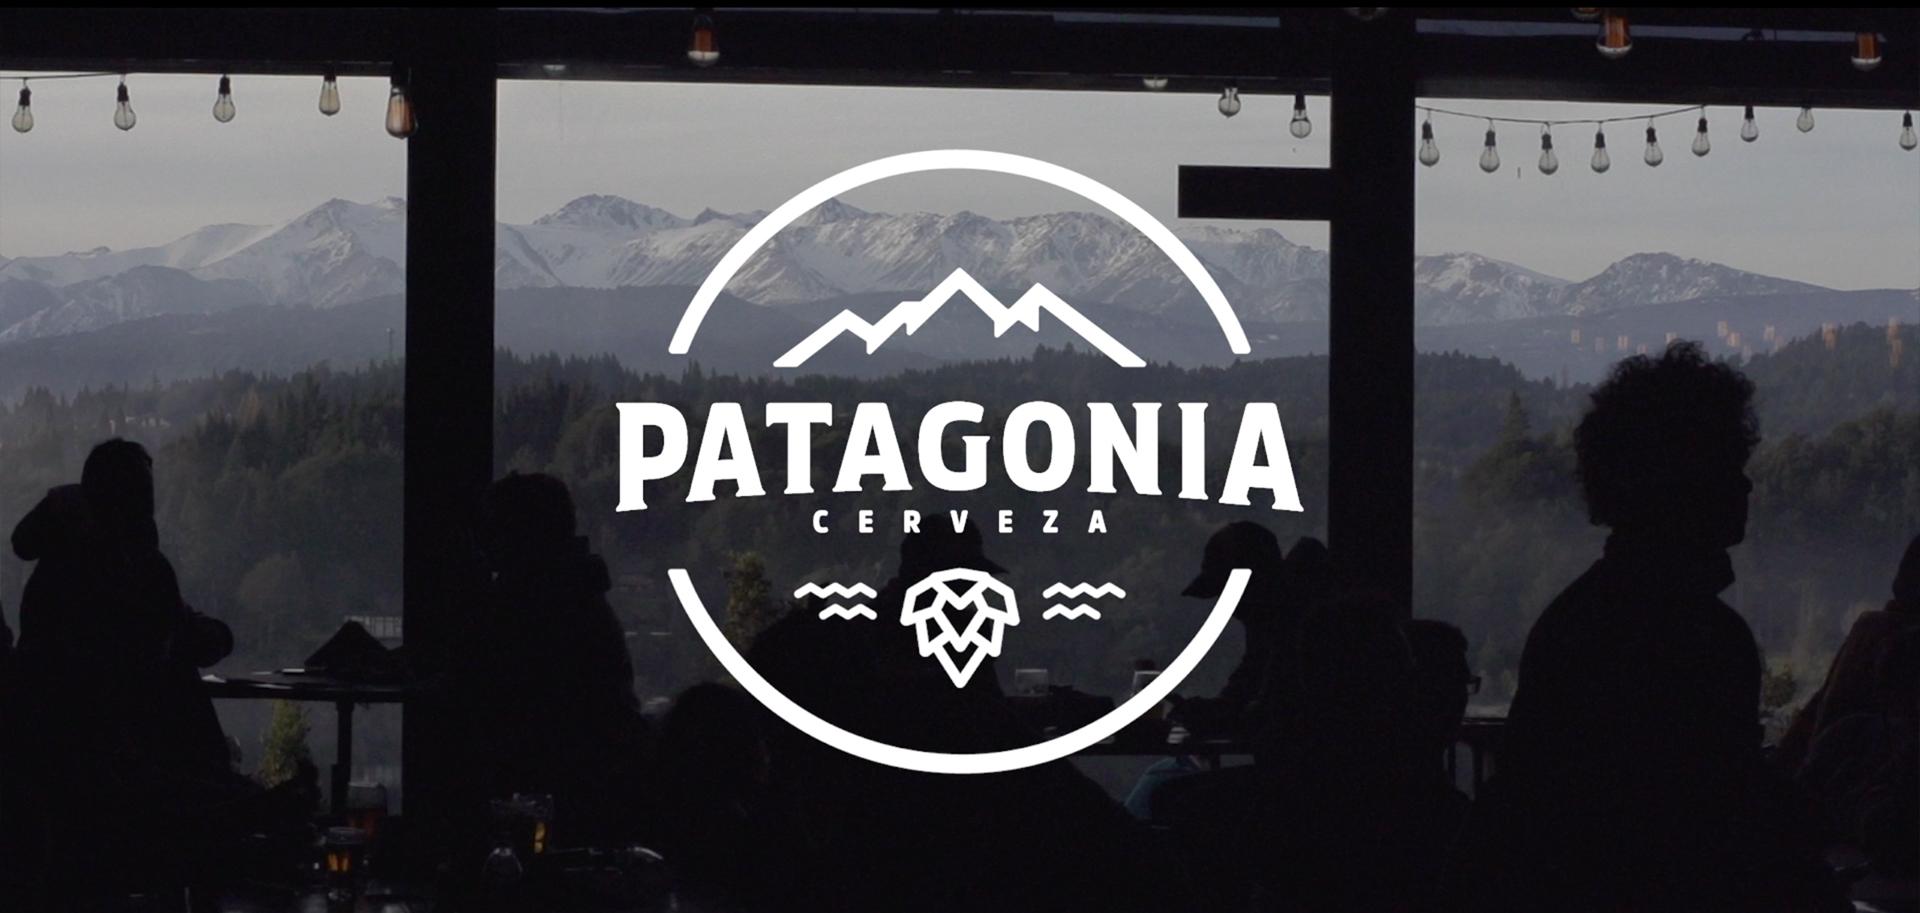 Patagonia_Branding_07.png